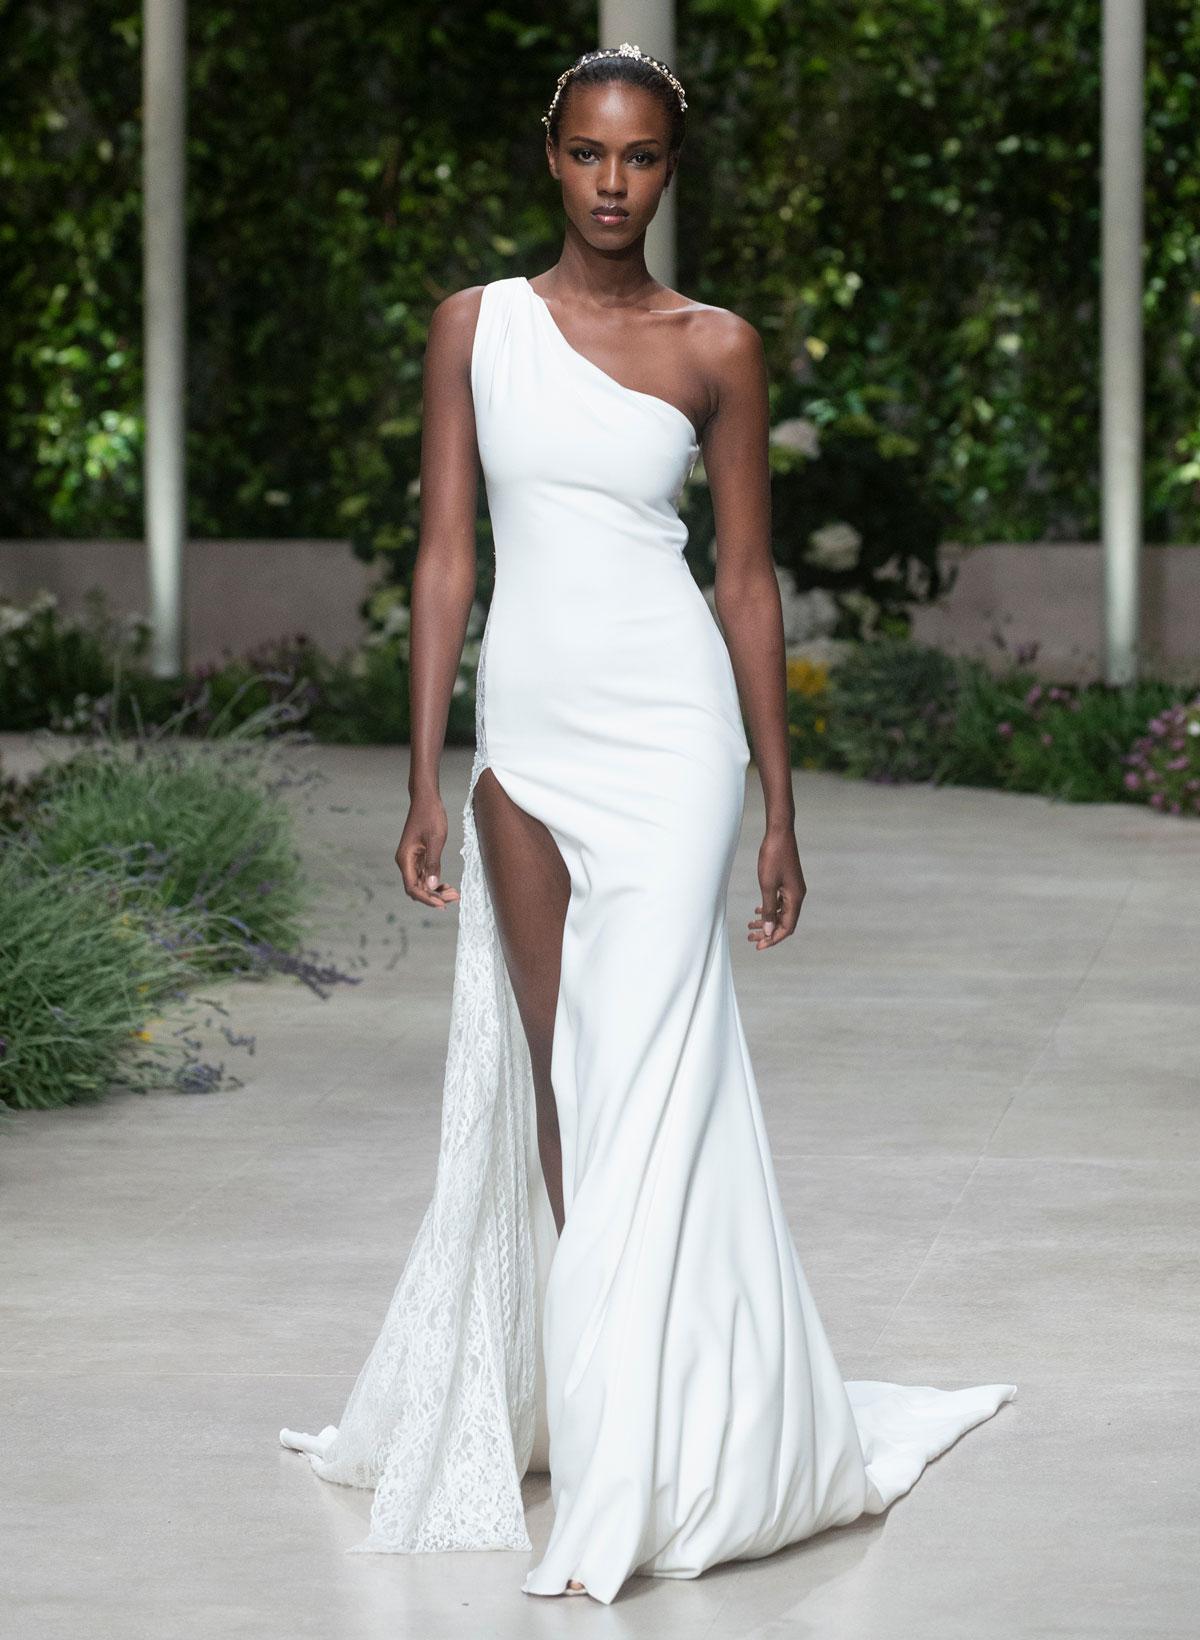 wedding dress trend - modern Minimalist by Pronovias